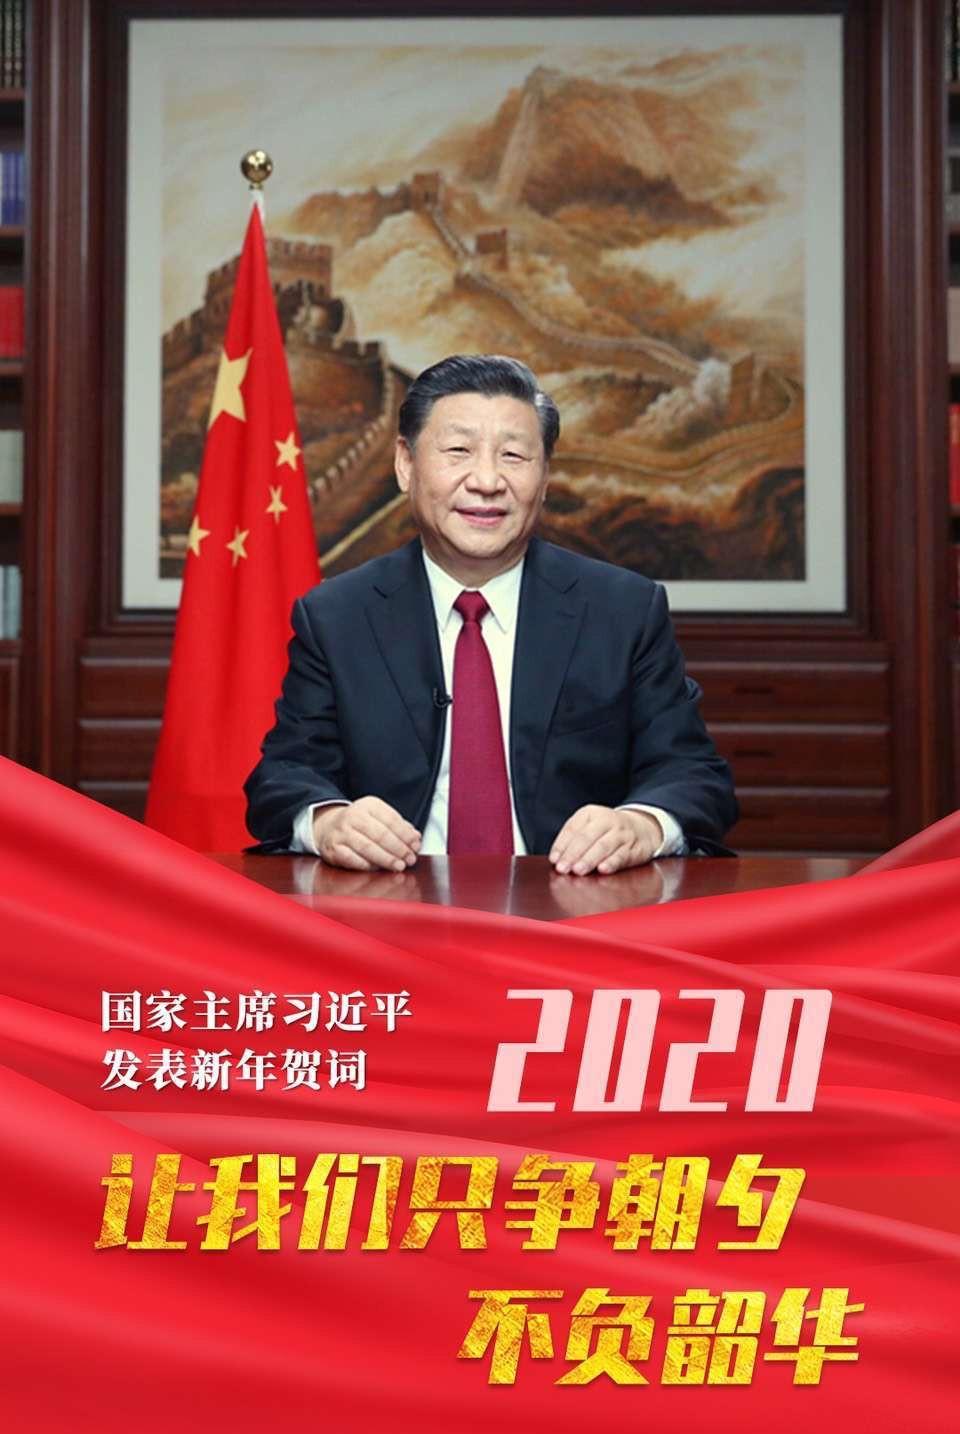 习近平主席2020年新年祝福